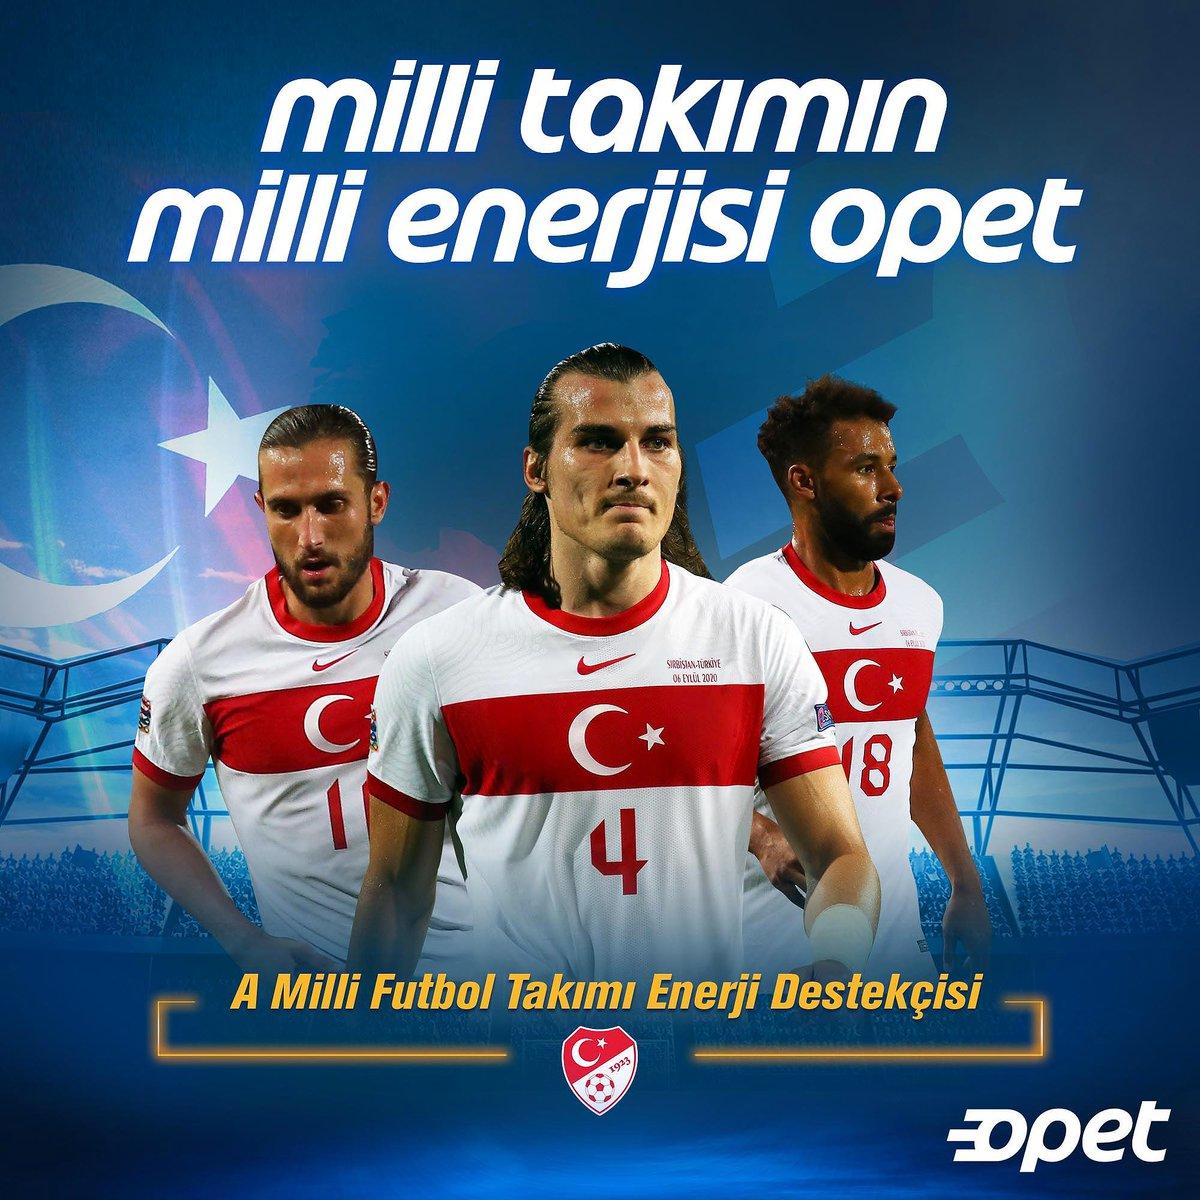 Uluslar Ligi 3. maçında rakibimiz Rusya, Opet bu önemli mücadelede Millilerimizin yanında. Başarılar Milli Takım! @MilliTakimlar https://t.co/nzYnA3sWKl